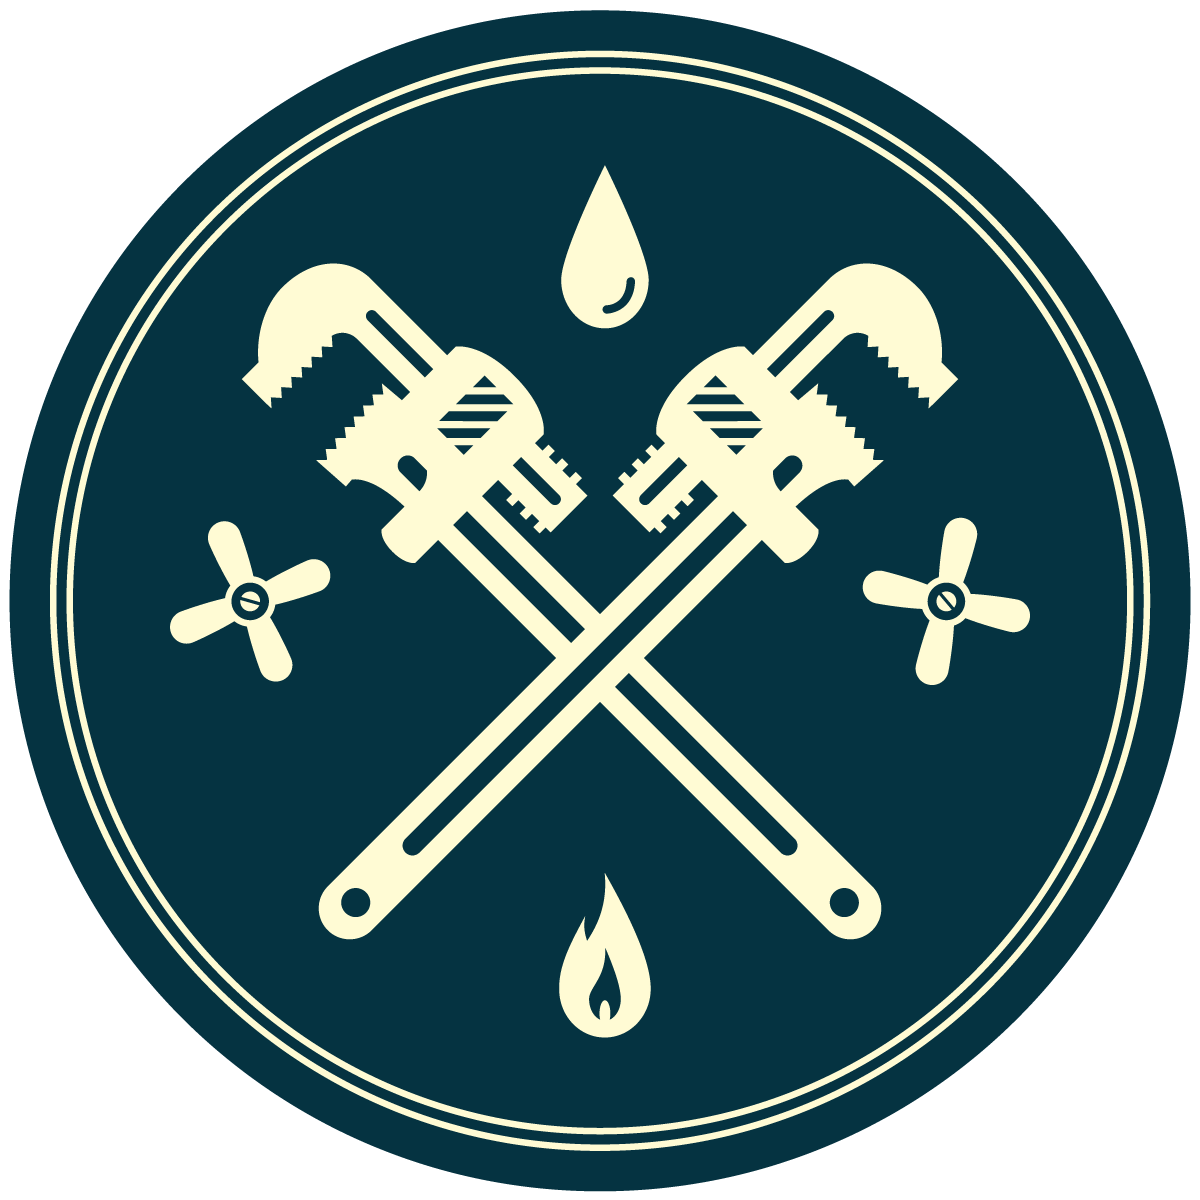 Advanced Plumbing & Heating